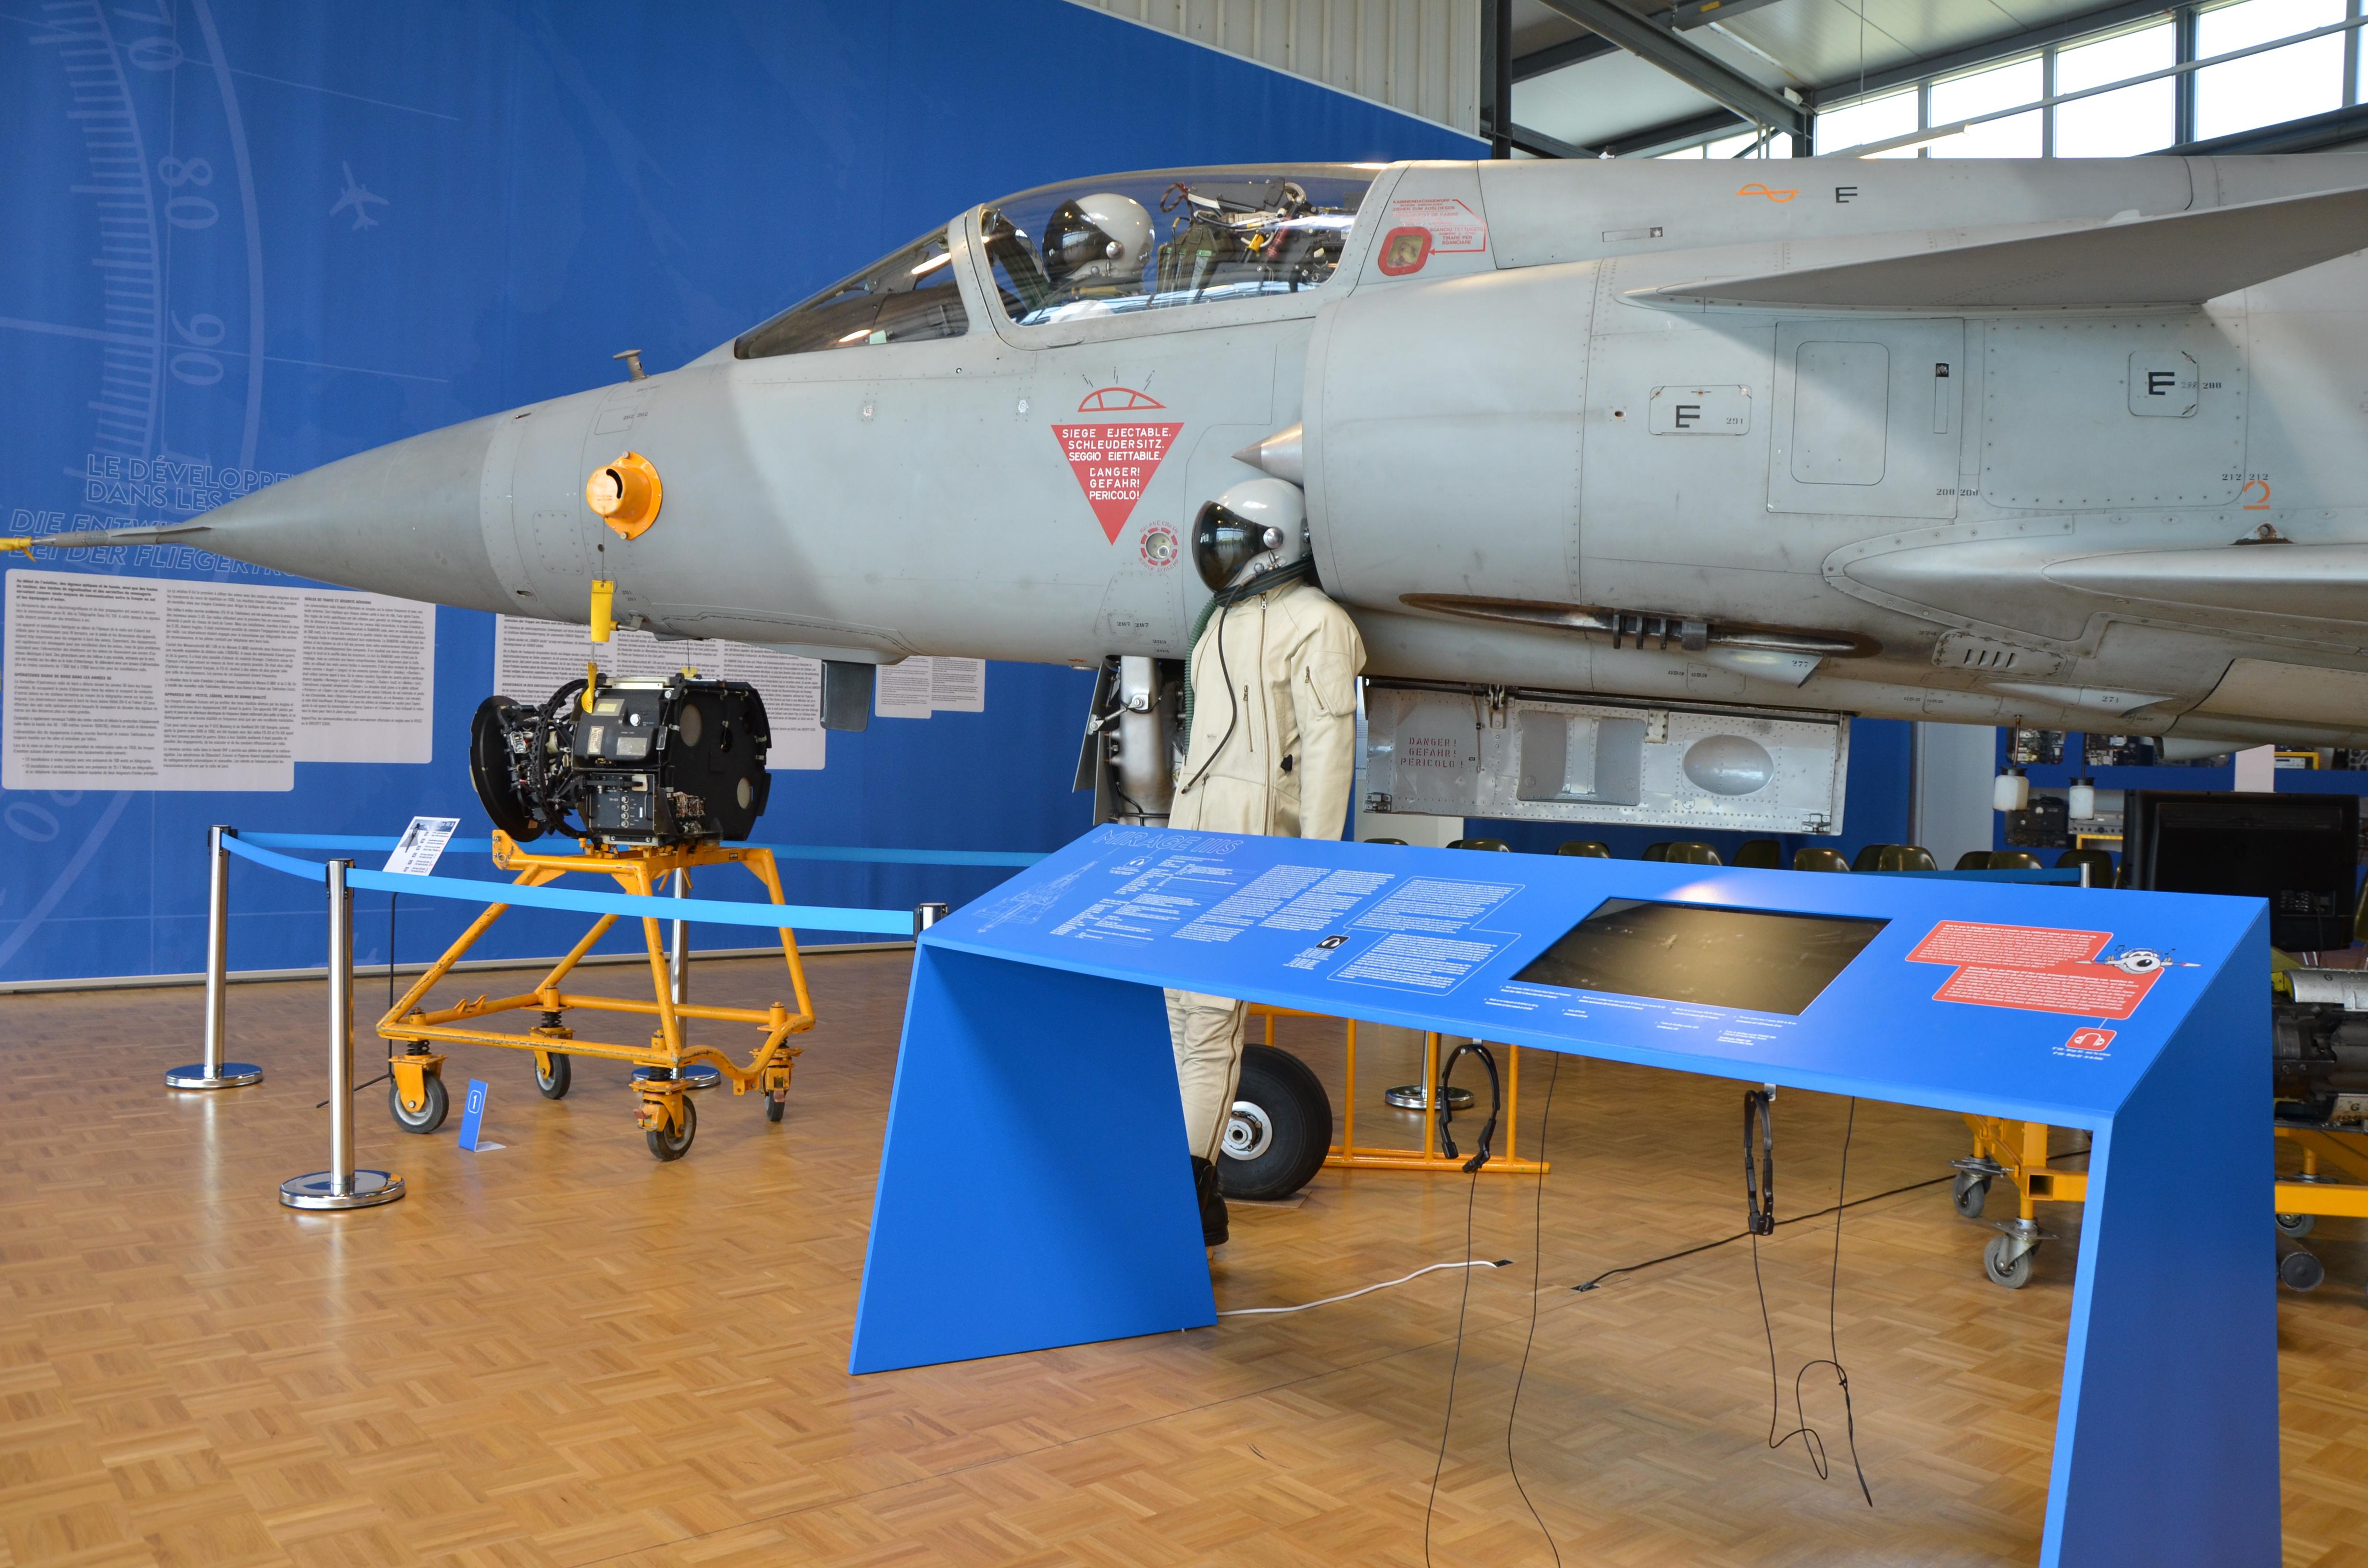 Musée_aviation_militaire_Clin_d_ailes_Payerne_003